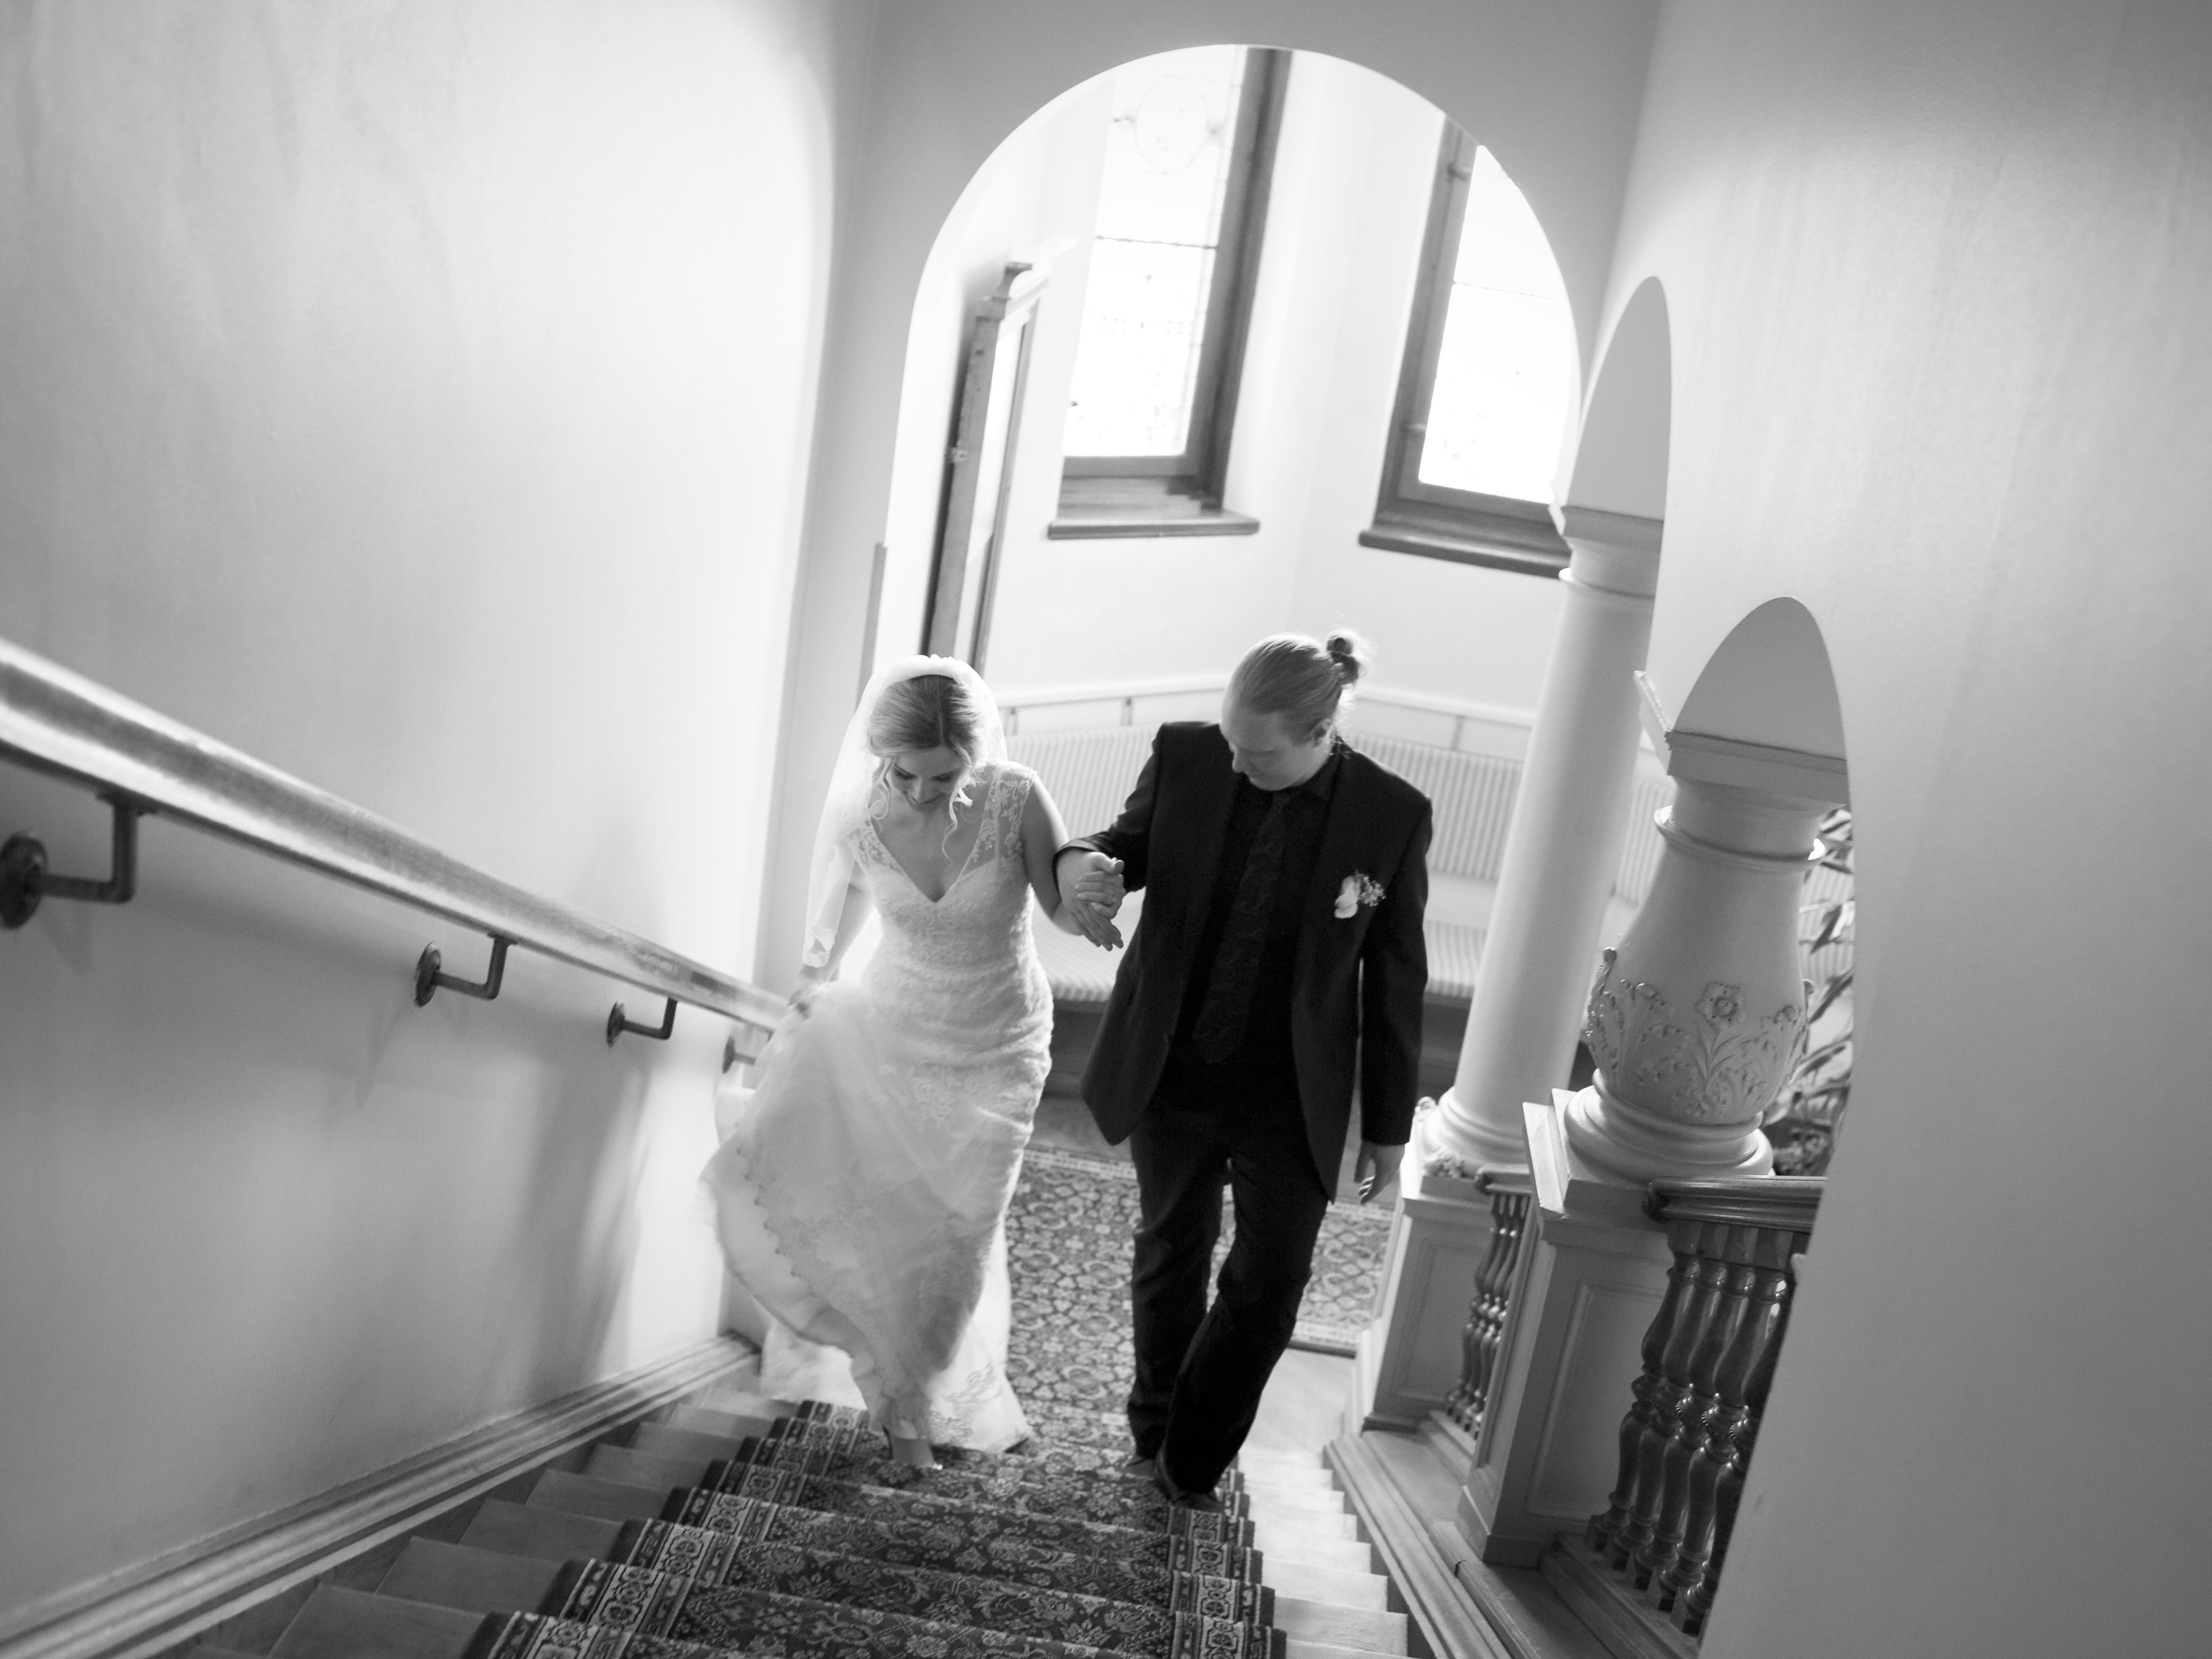 Bröllopsporträtt 5 - trappan